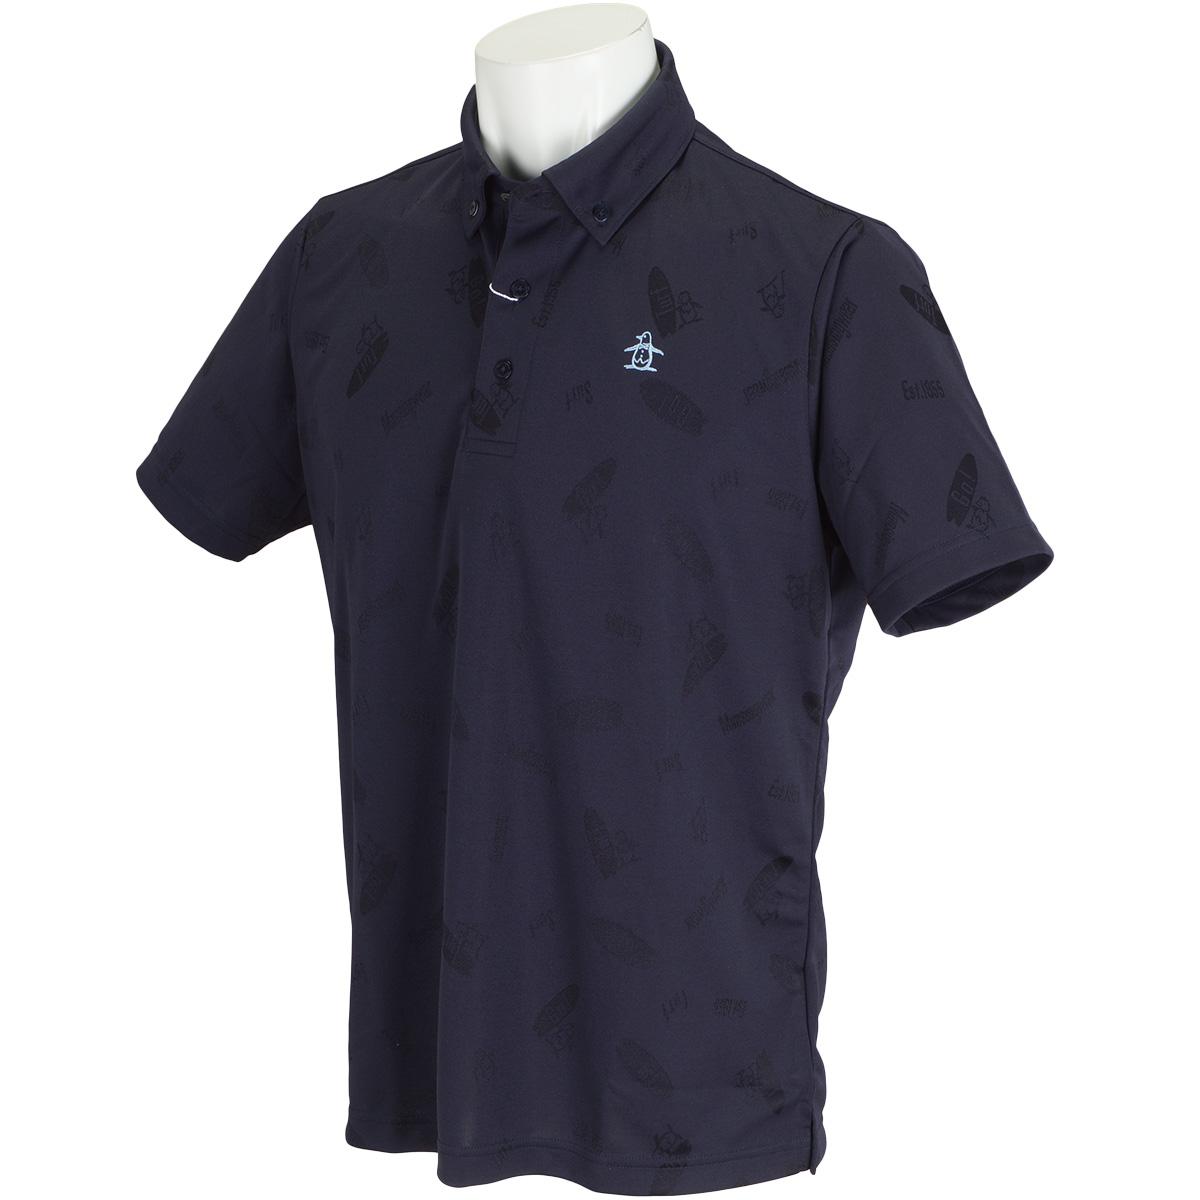 SUNSCREENサーフジャカード半袖ポロシャツ